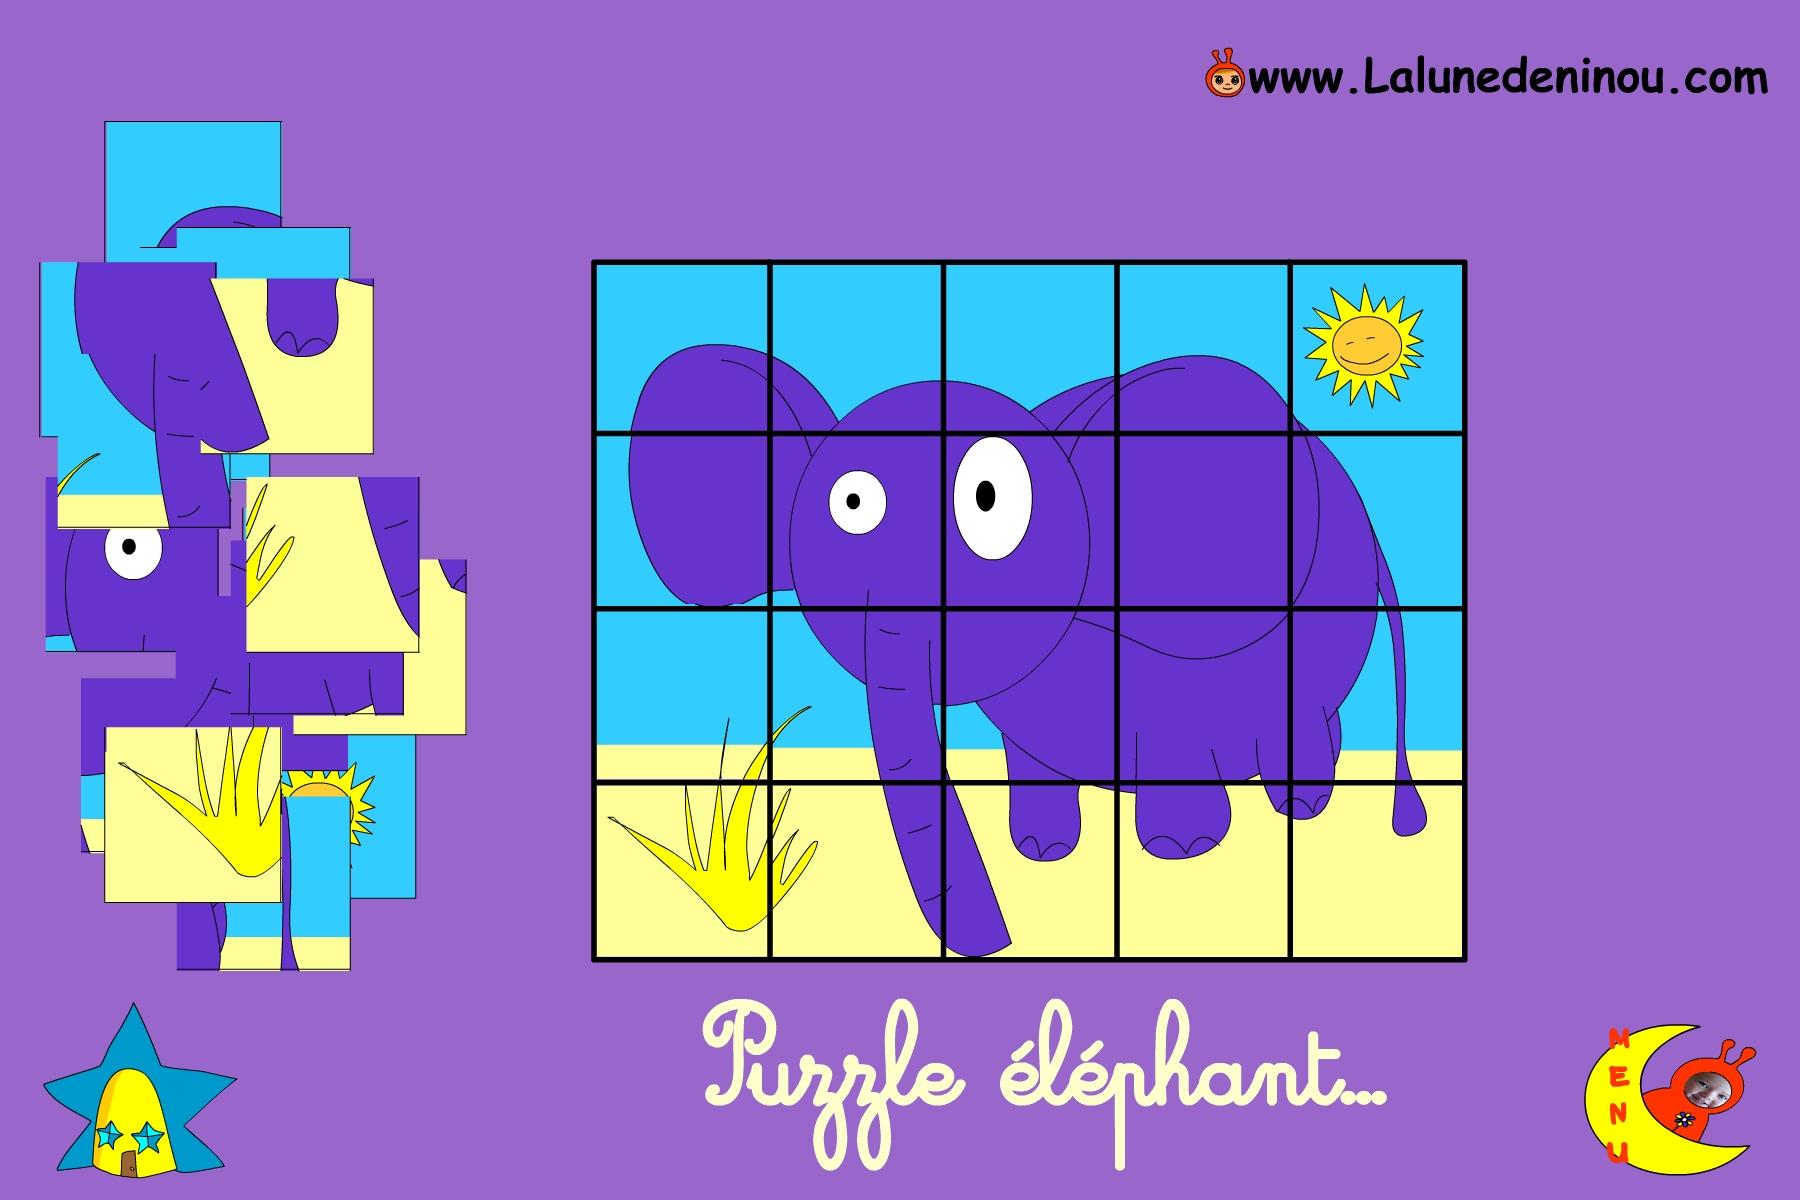 Puzzle En Ligne Pour Enfant De Maternelle - Lalunedeninou dedans Jeux Gratuits Pour Enfants De 3 Ans